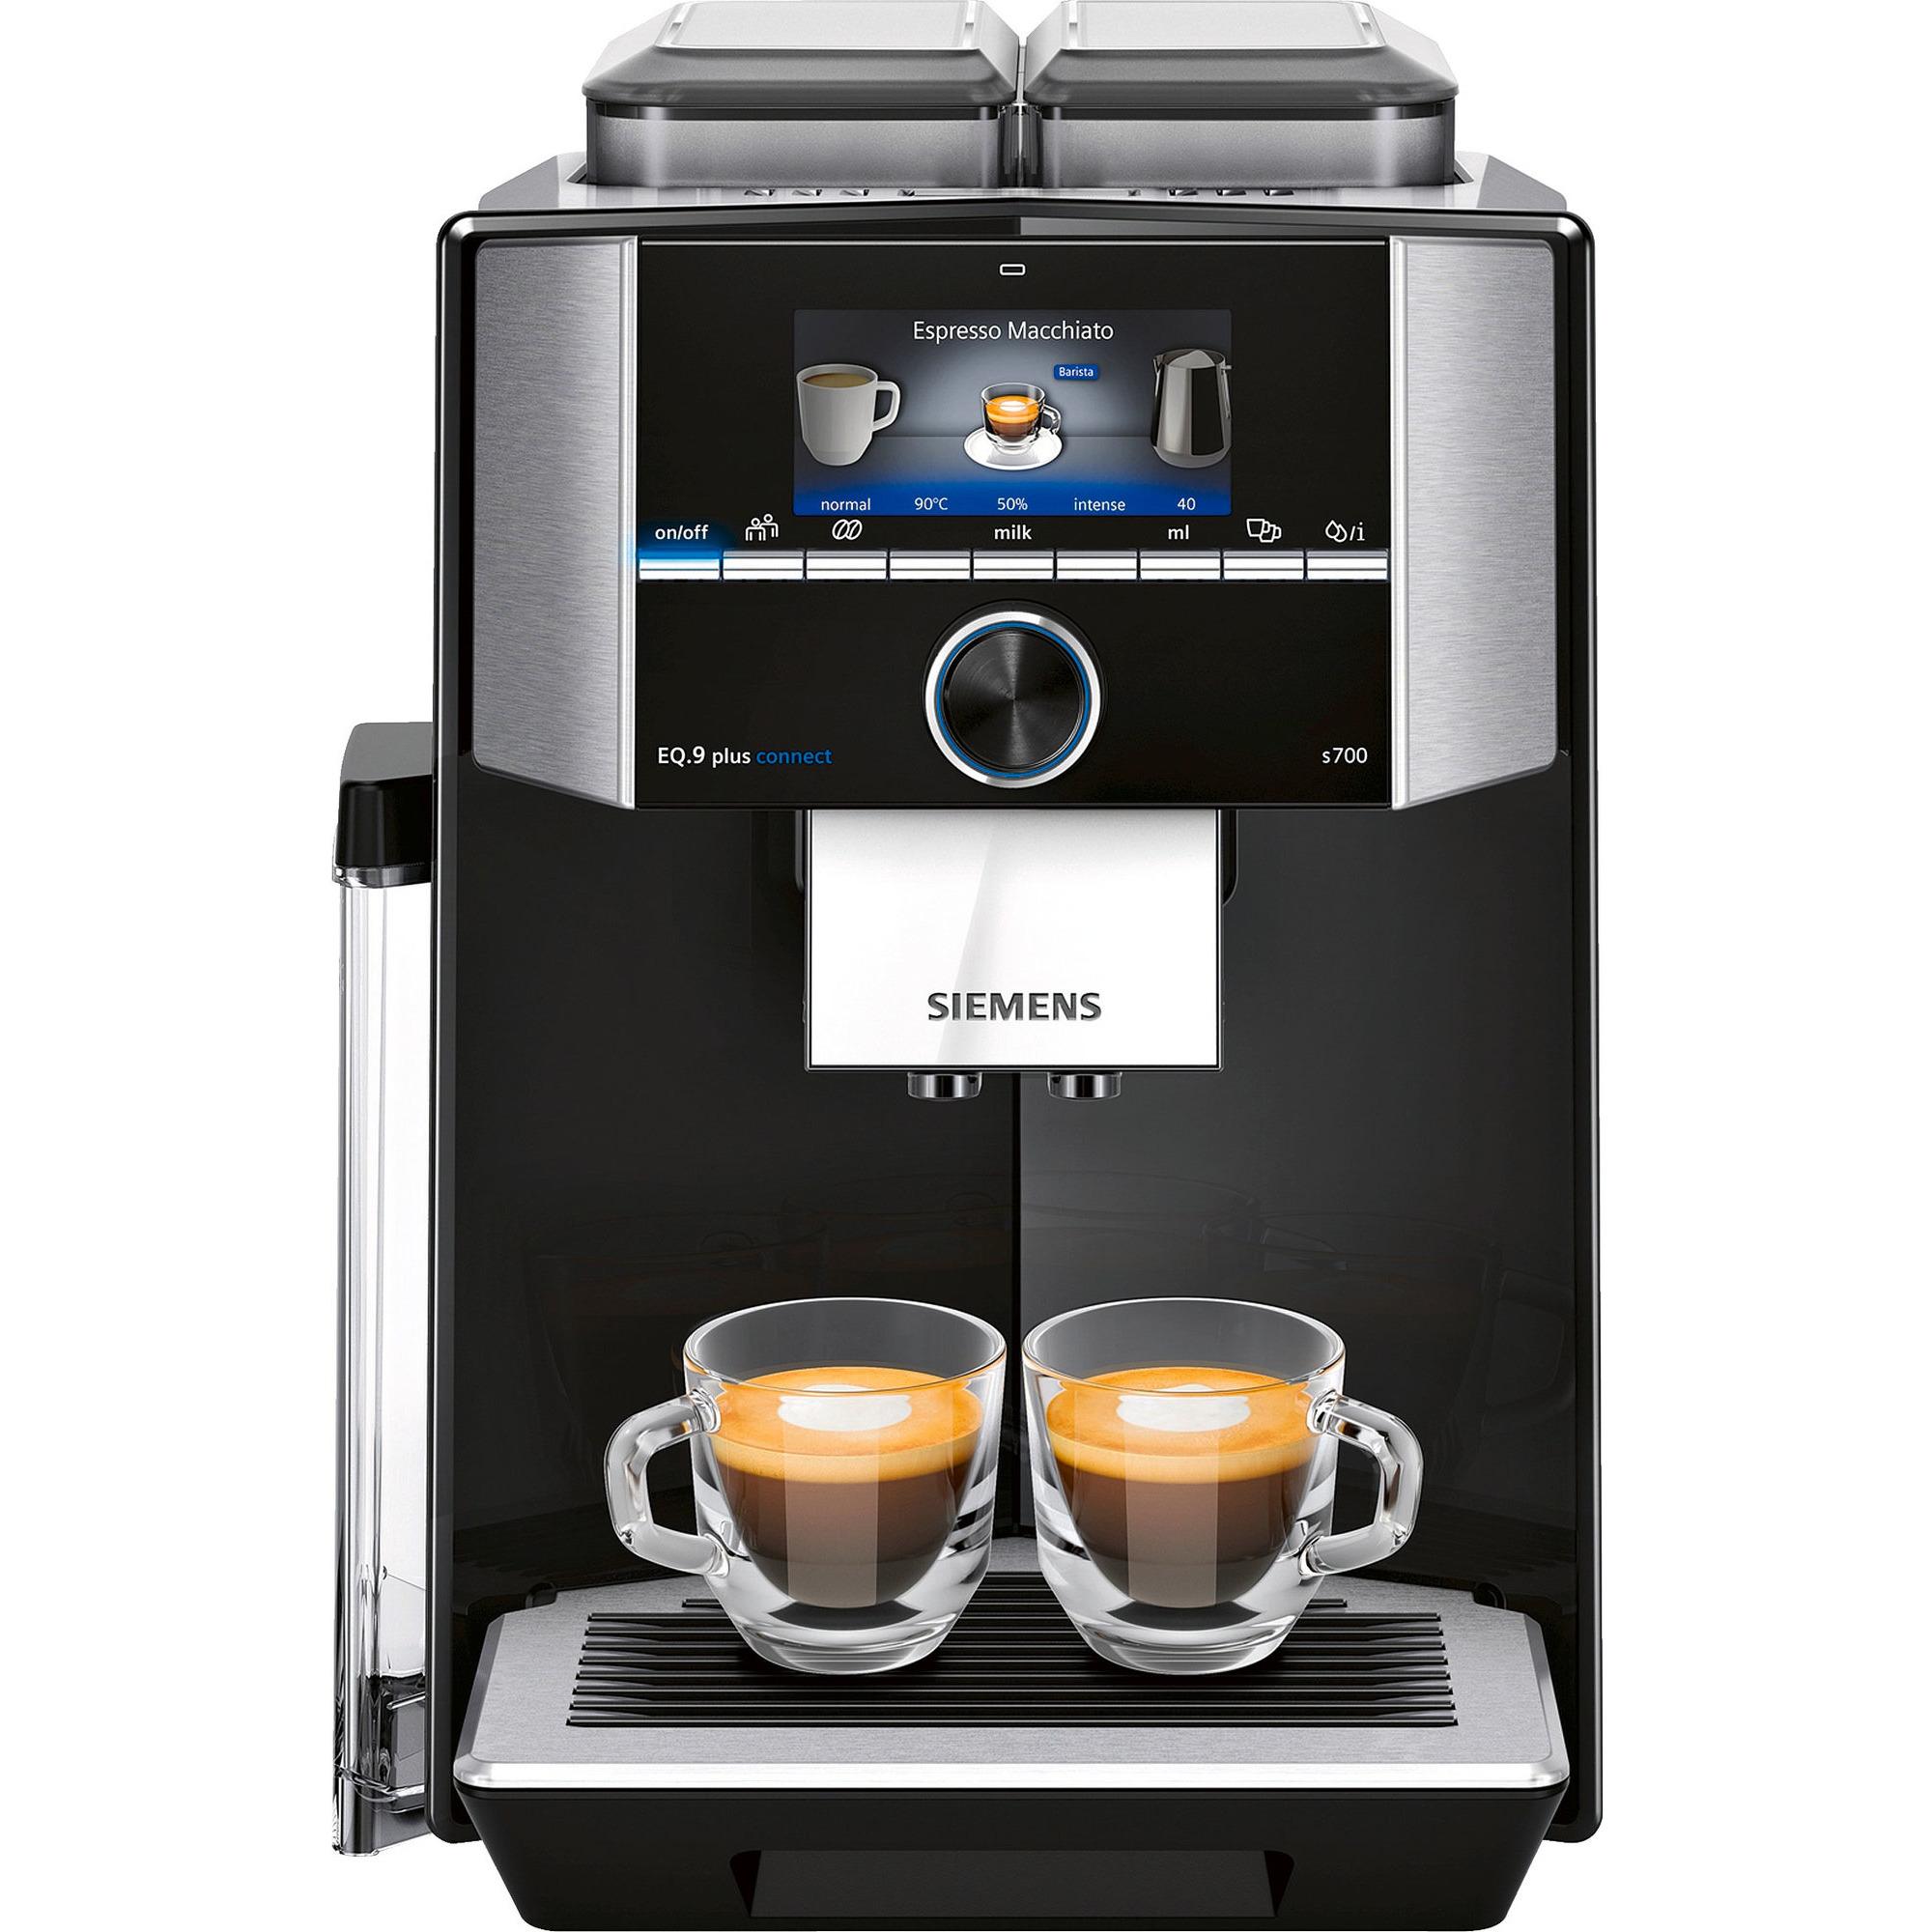 Siemens EQ.9 plus connect s700 Helautomatisk espressomaskin